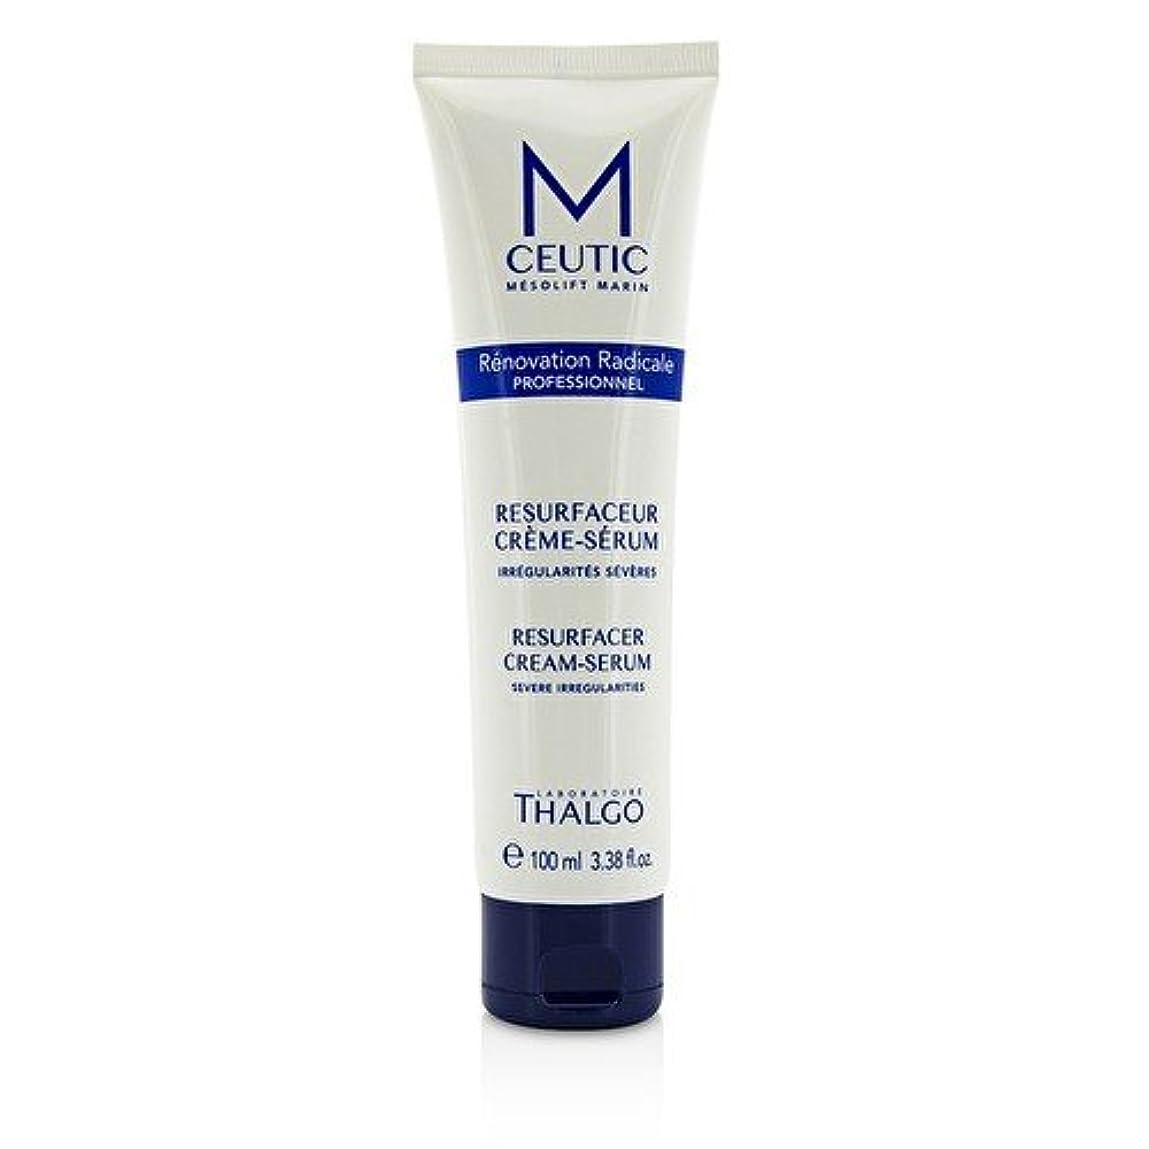 遡る壊れた栄光タルゴ MCEUTIC Resurfacer Cream-Serum - Salon Size 100ml/3.38oz並行輸入品